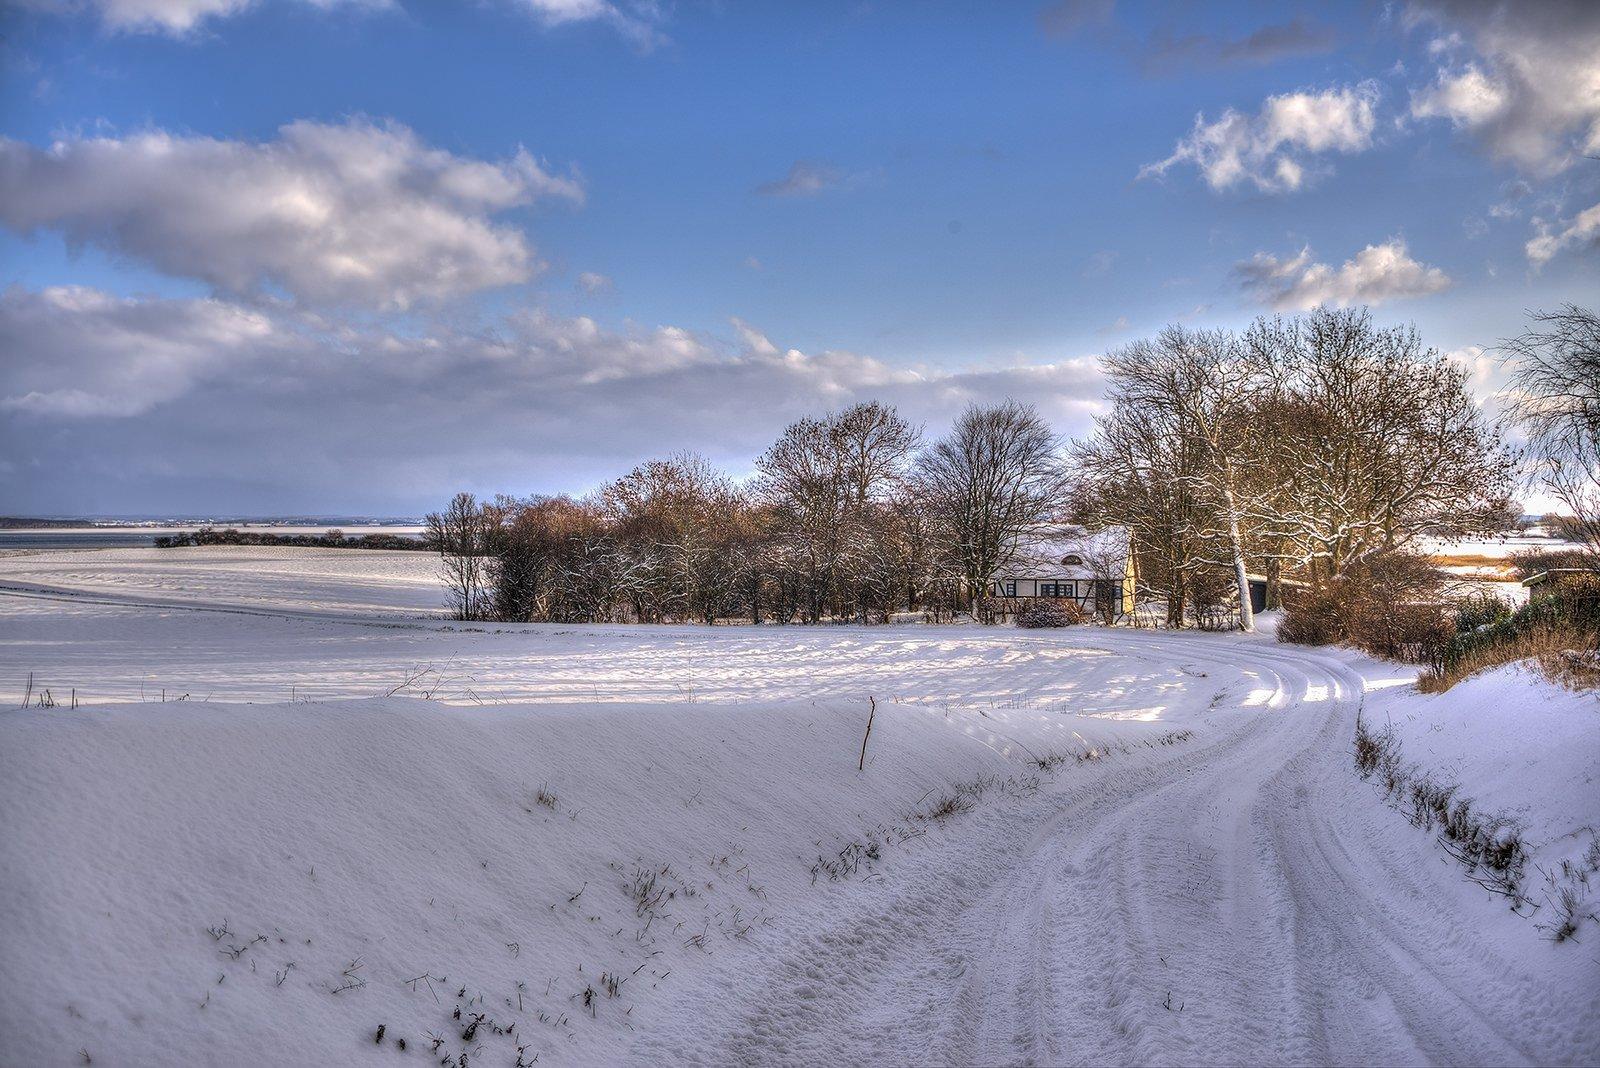 Wetter Dänemark 14 Tage